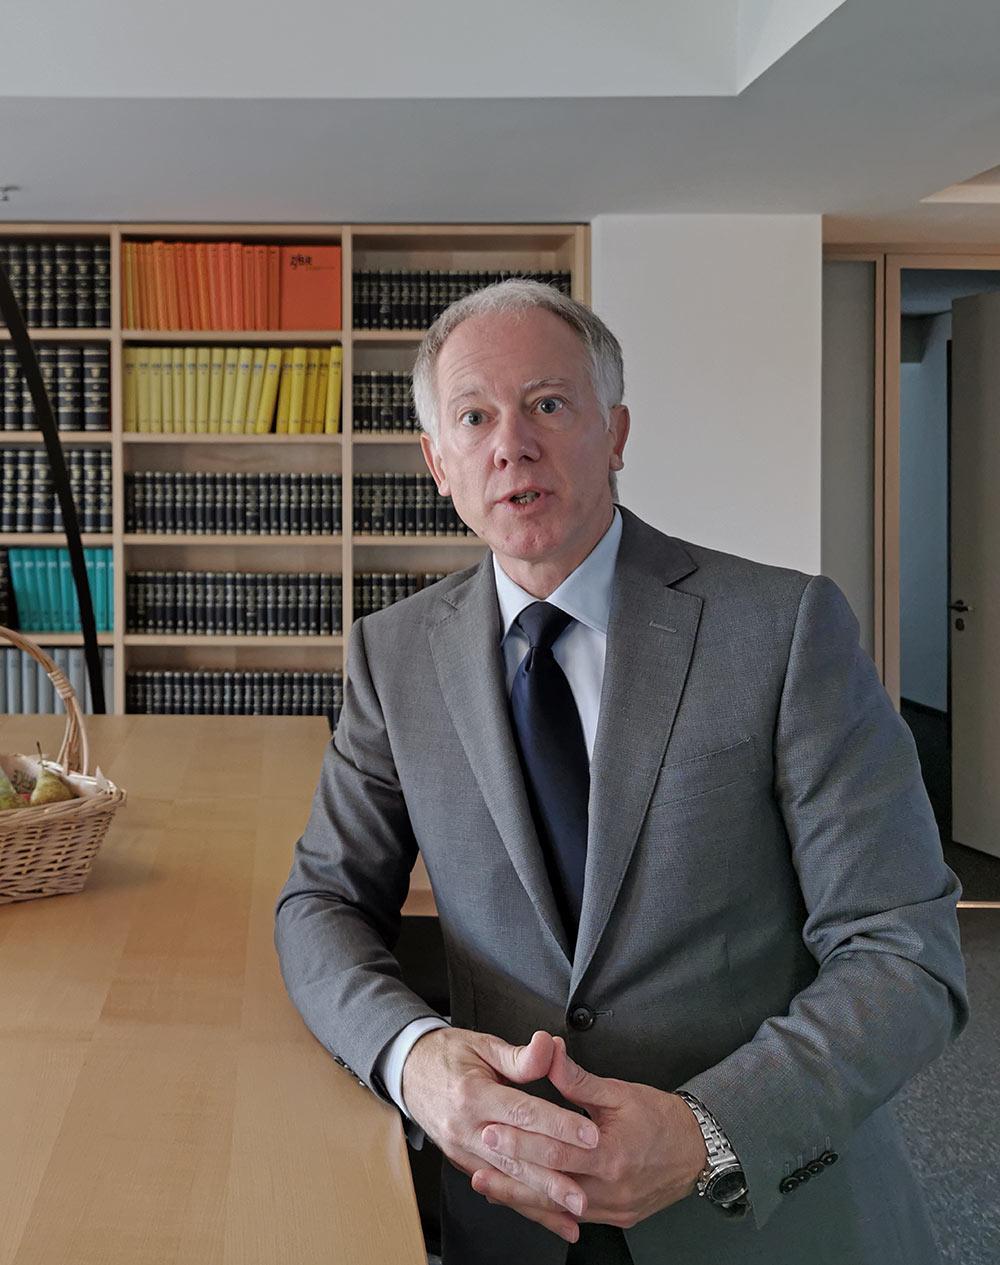 Immobilien sind sein Spezialgebiet: Prof. Dr. Pützenbacher kennt sich mit Planungs- und Baurecht bestens aus